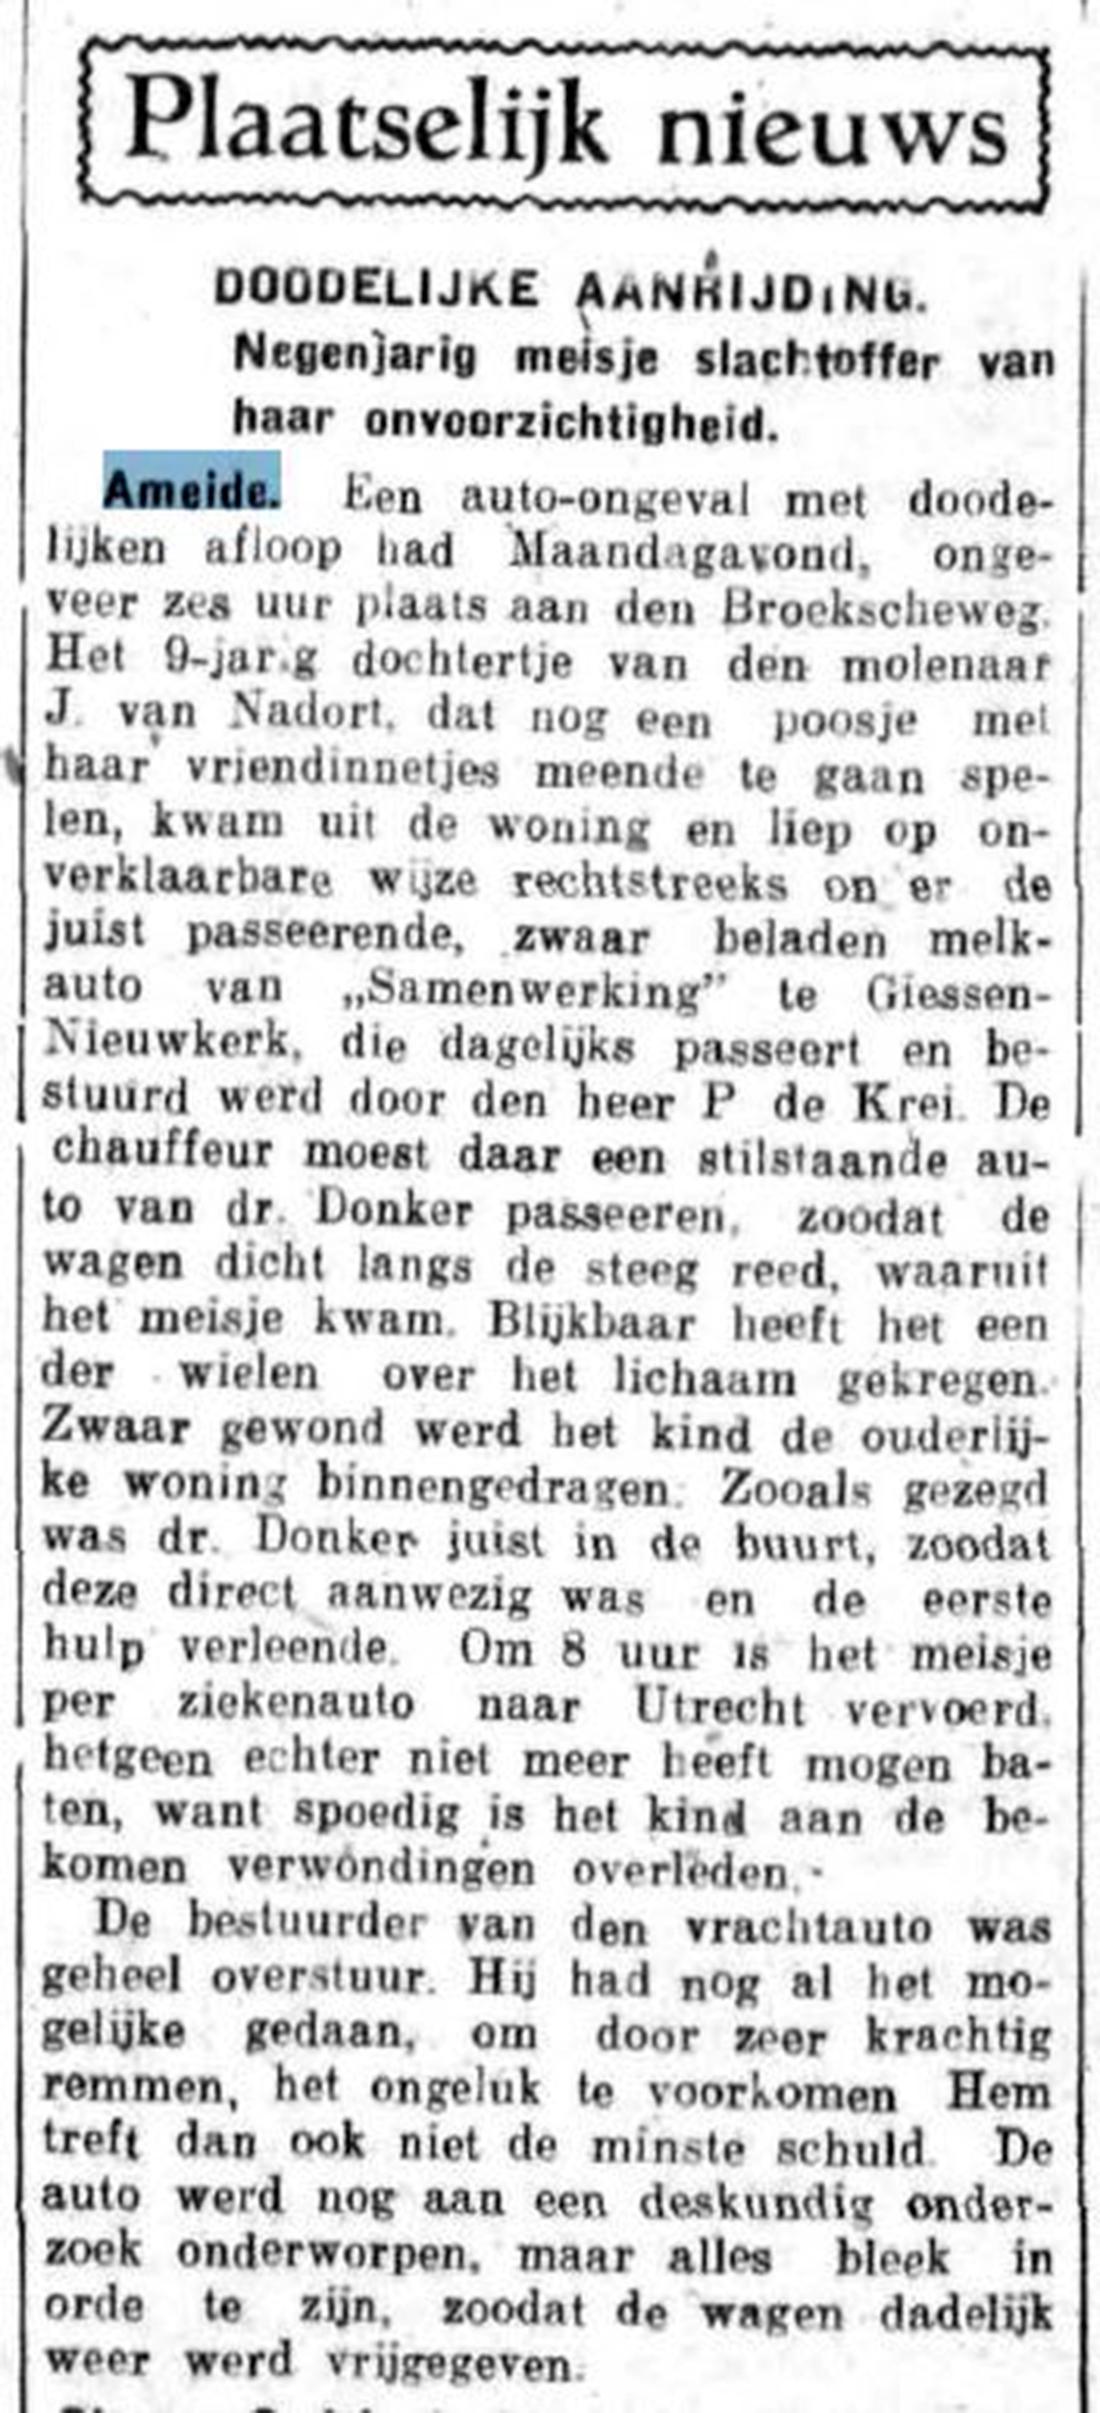 Schoonhovensche Courant 07785 1937-03-17 artikel 02